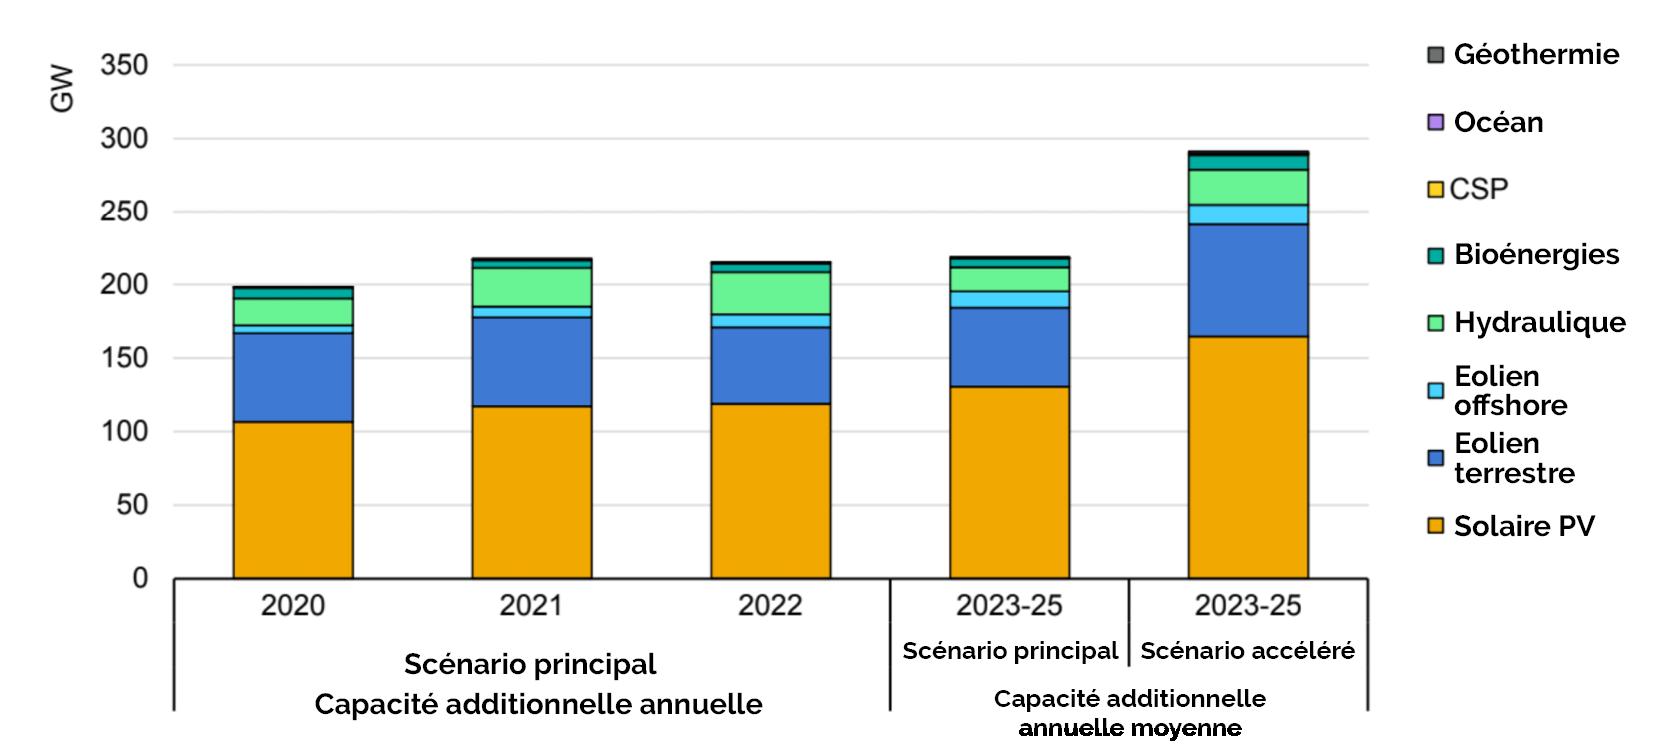 Quelle installation de la capacité de production électrique renouvelable d'ici 2025